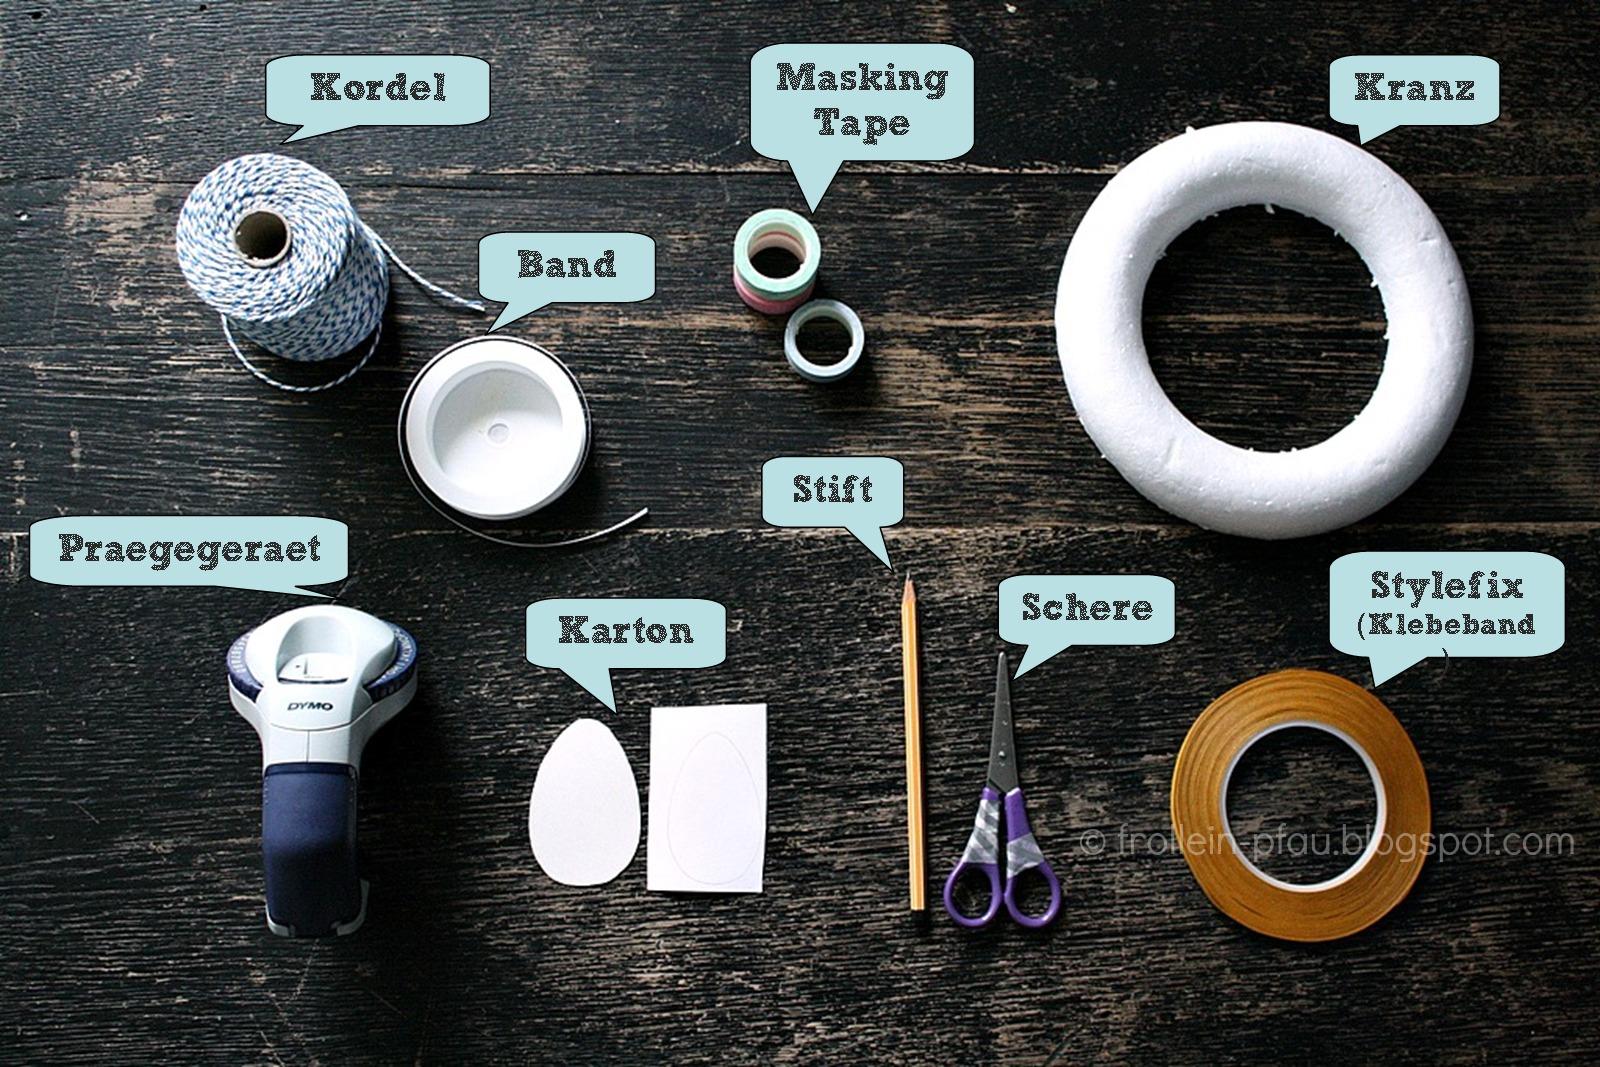 DIY, Masking Tape, Ostern, Osterdeko, Osterkranz, Kranz, Türkrank, Osteridee, Osterkranz selbst basteln, Bastelidee, Styropor, Frollein Pfau